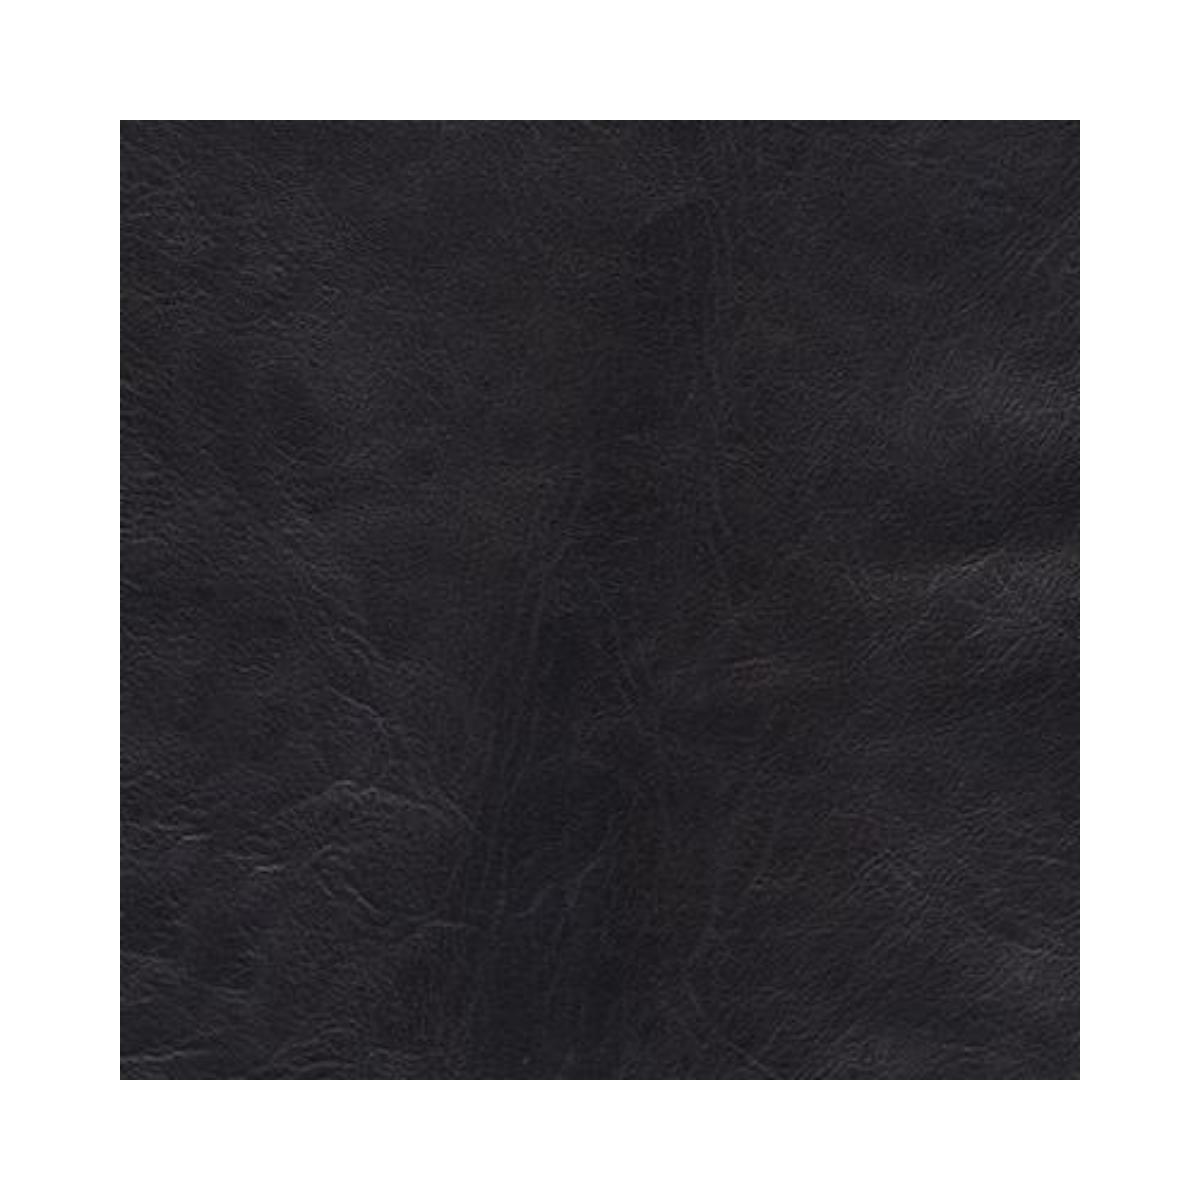 bobi taske - black - kvalitet